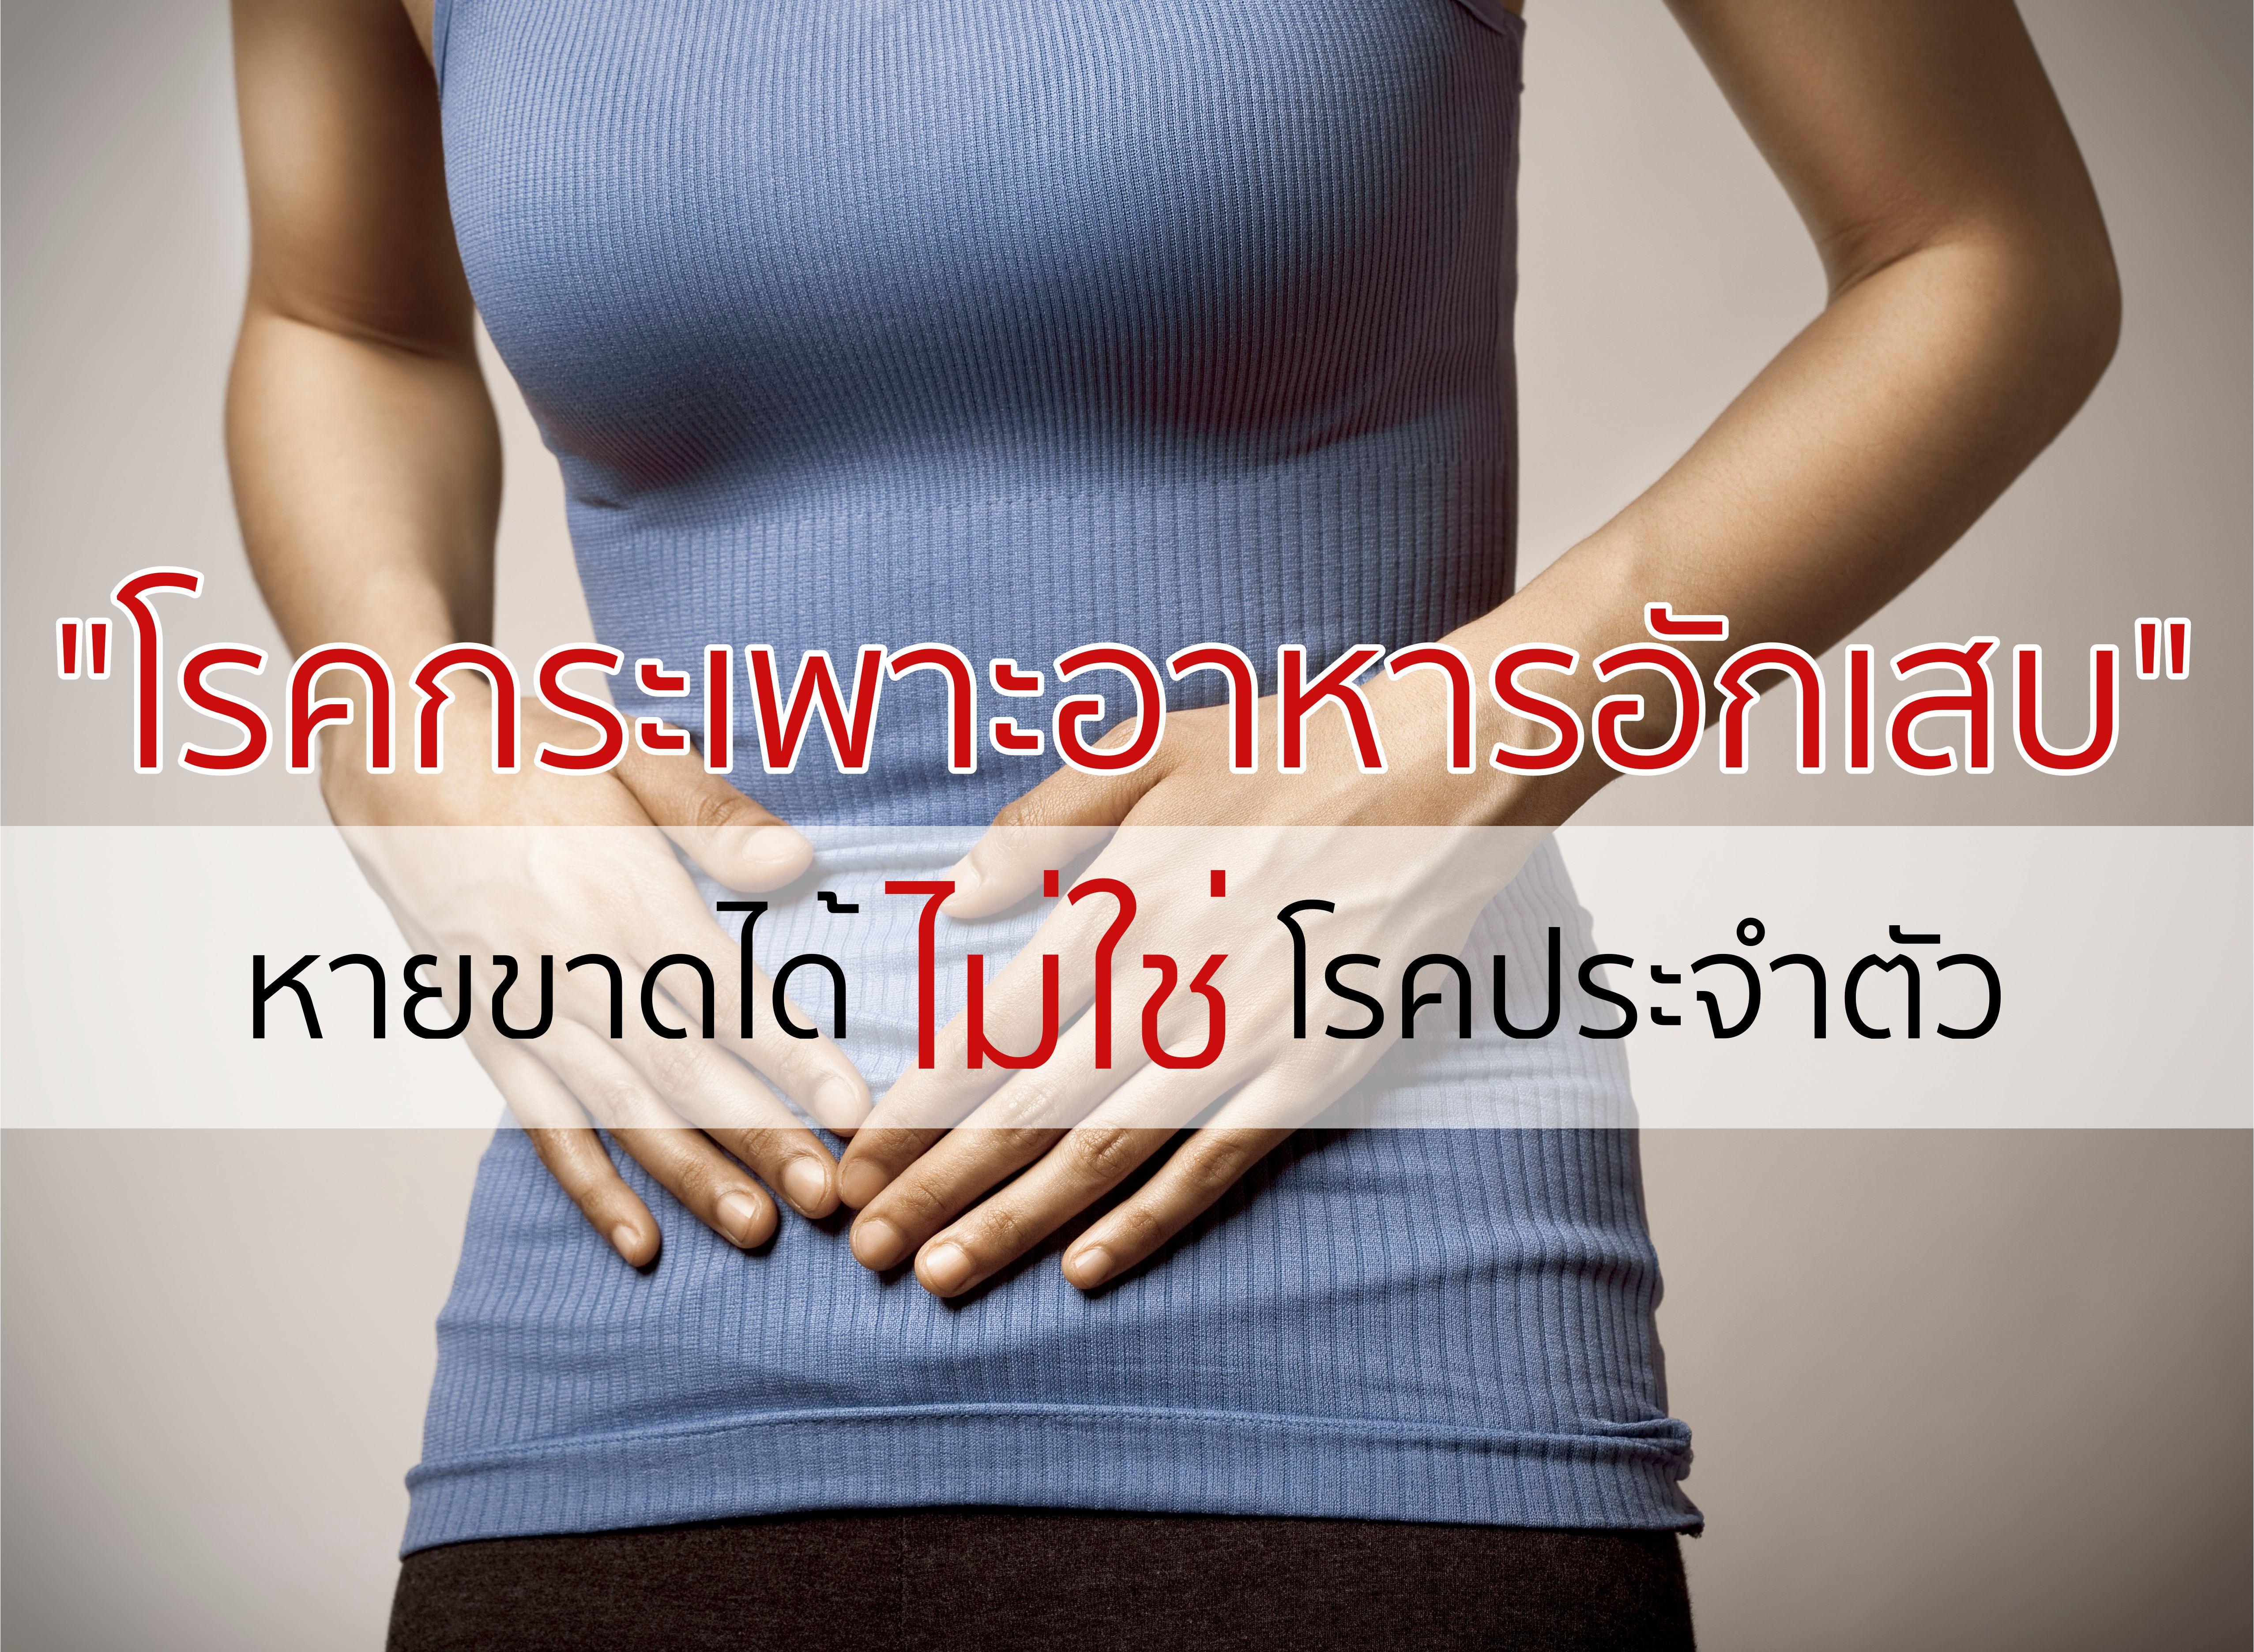 Stomach Ache01